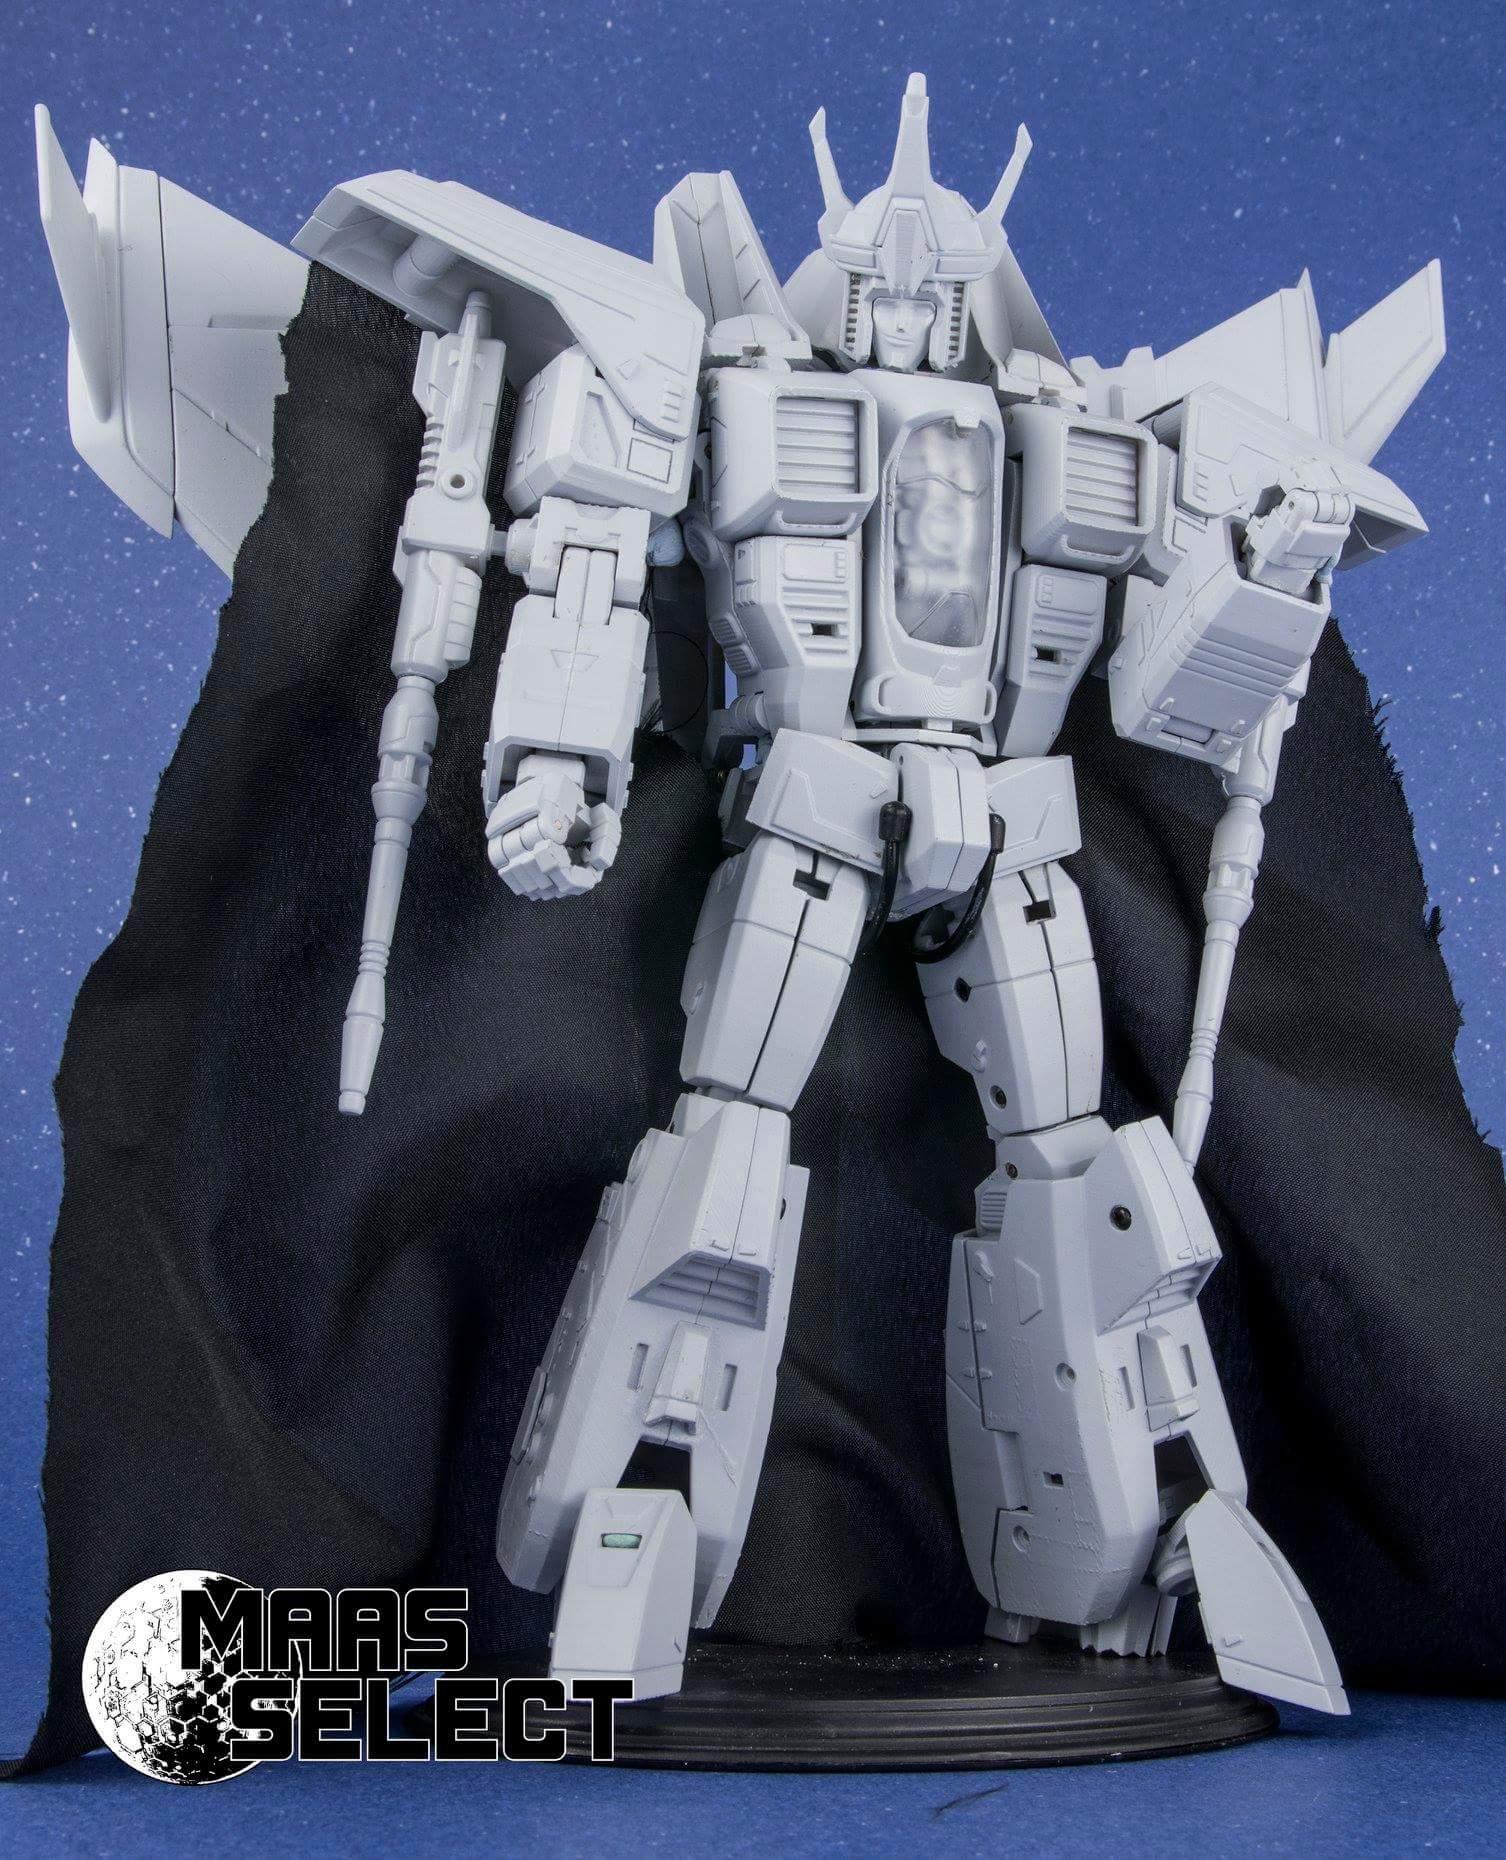 [MAAS Toys] Produit Tiers - Jouets TF de la gamme Cybertech Series (mode Cybertronien) + Gee Too (G2) - Page 2 RuIzateL_o